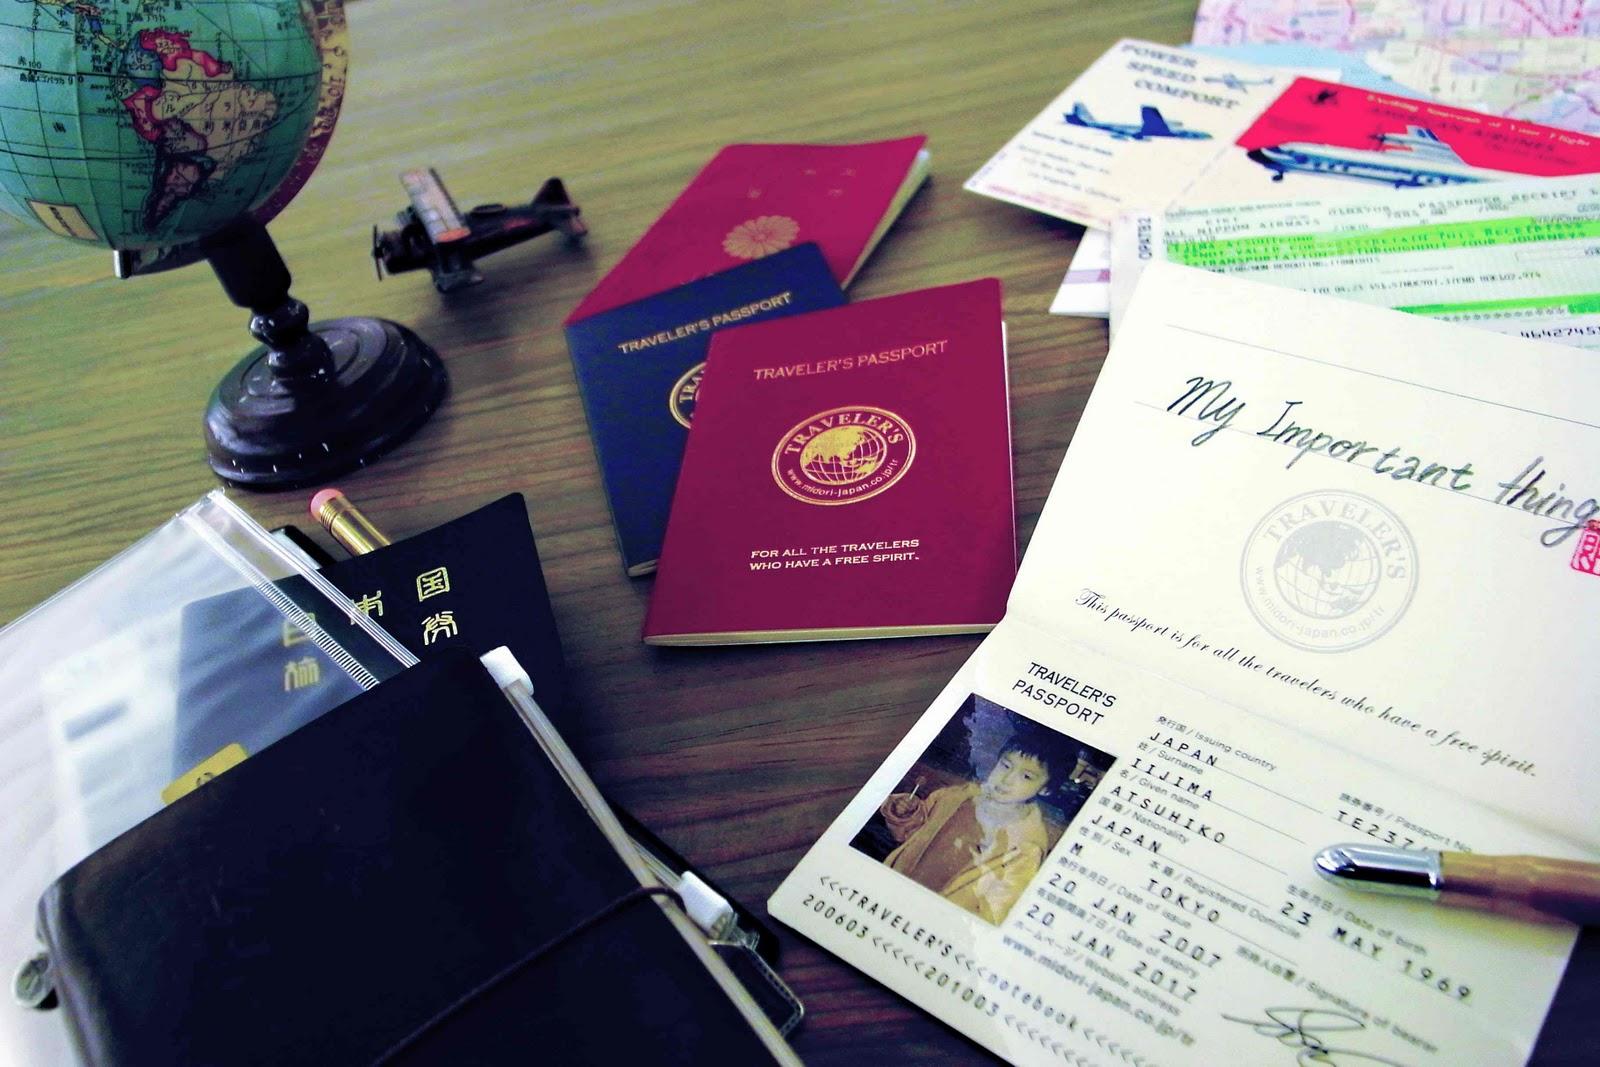 Midori_Travelers_Notebook_Passport.jpg